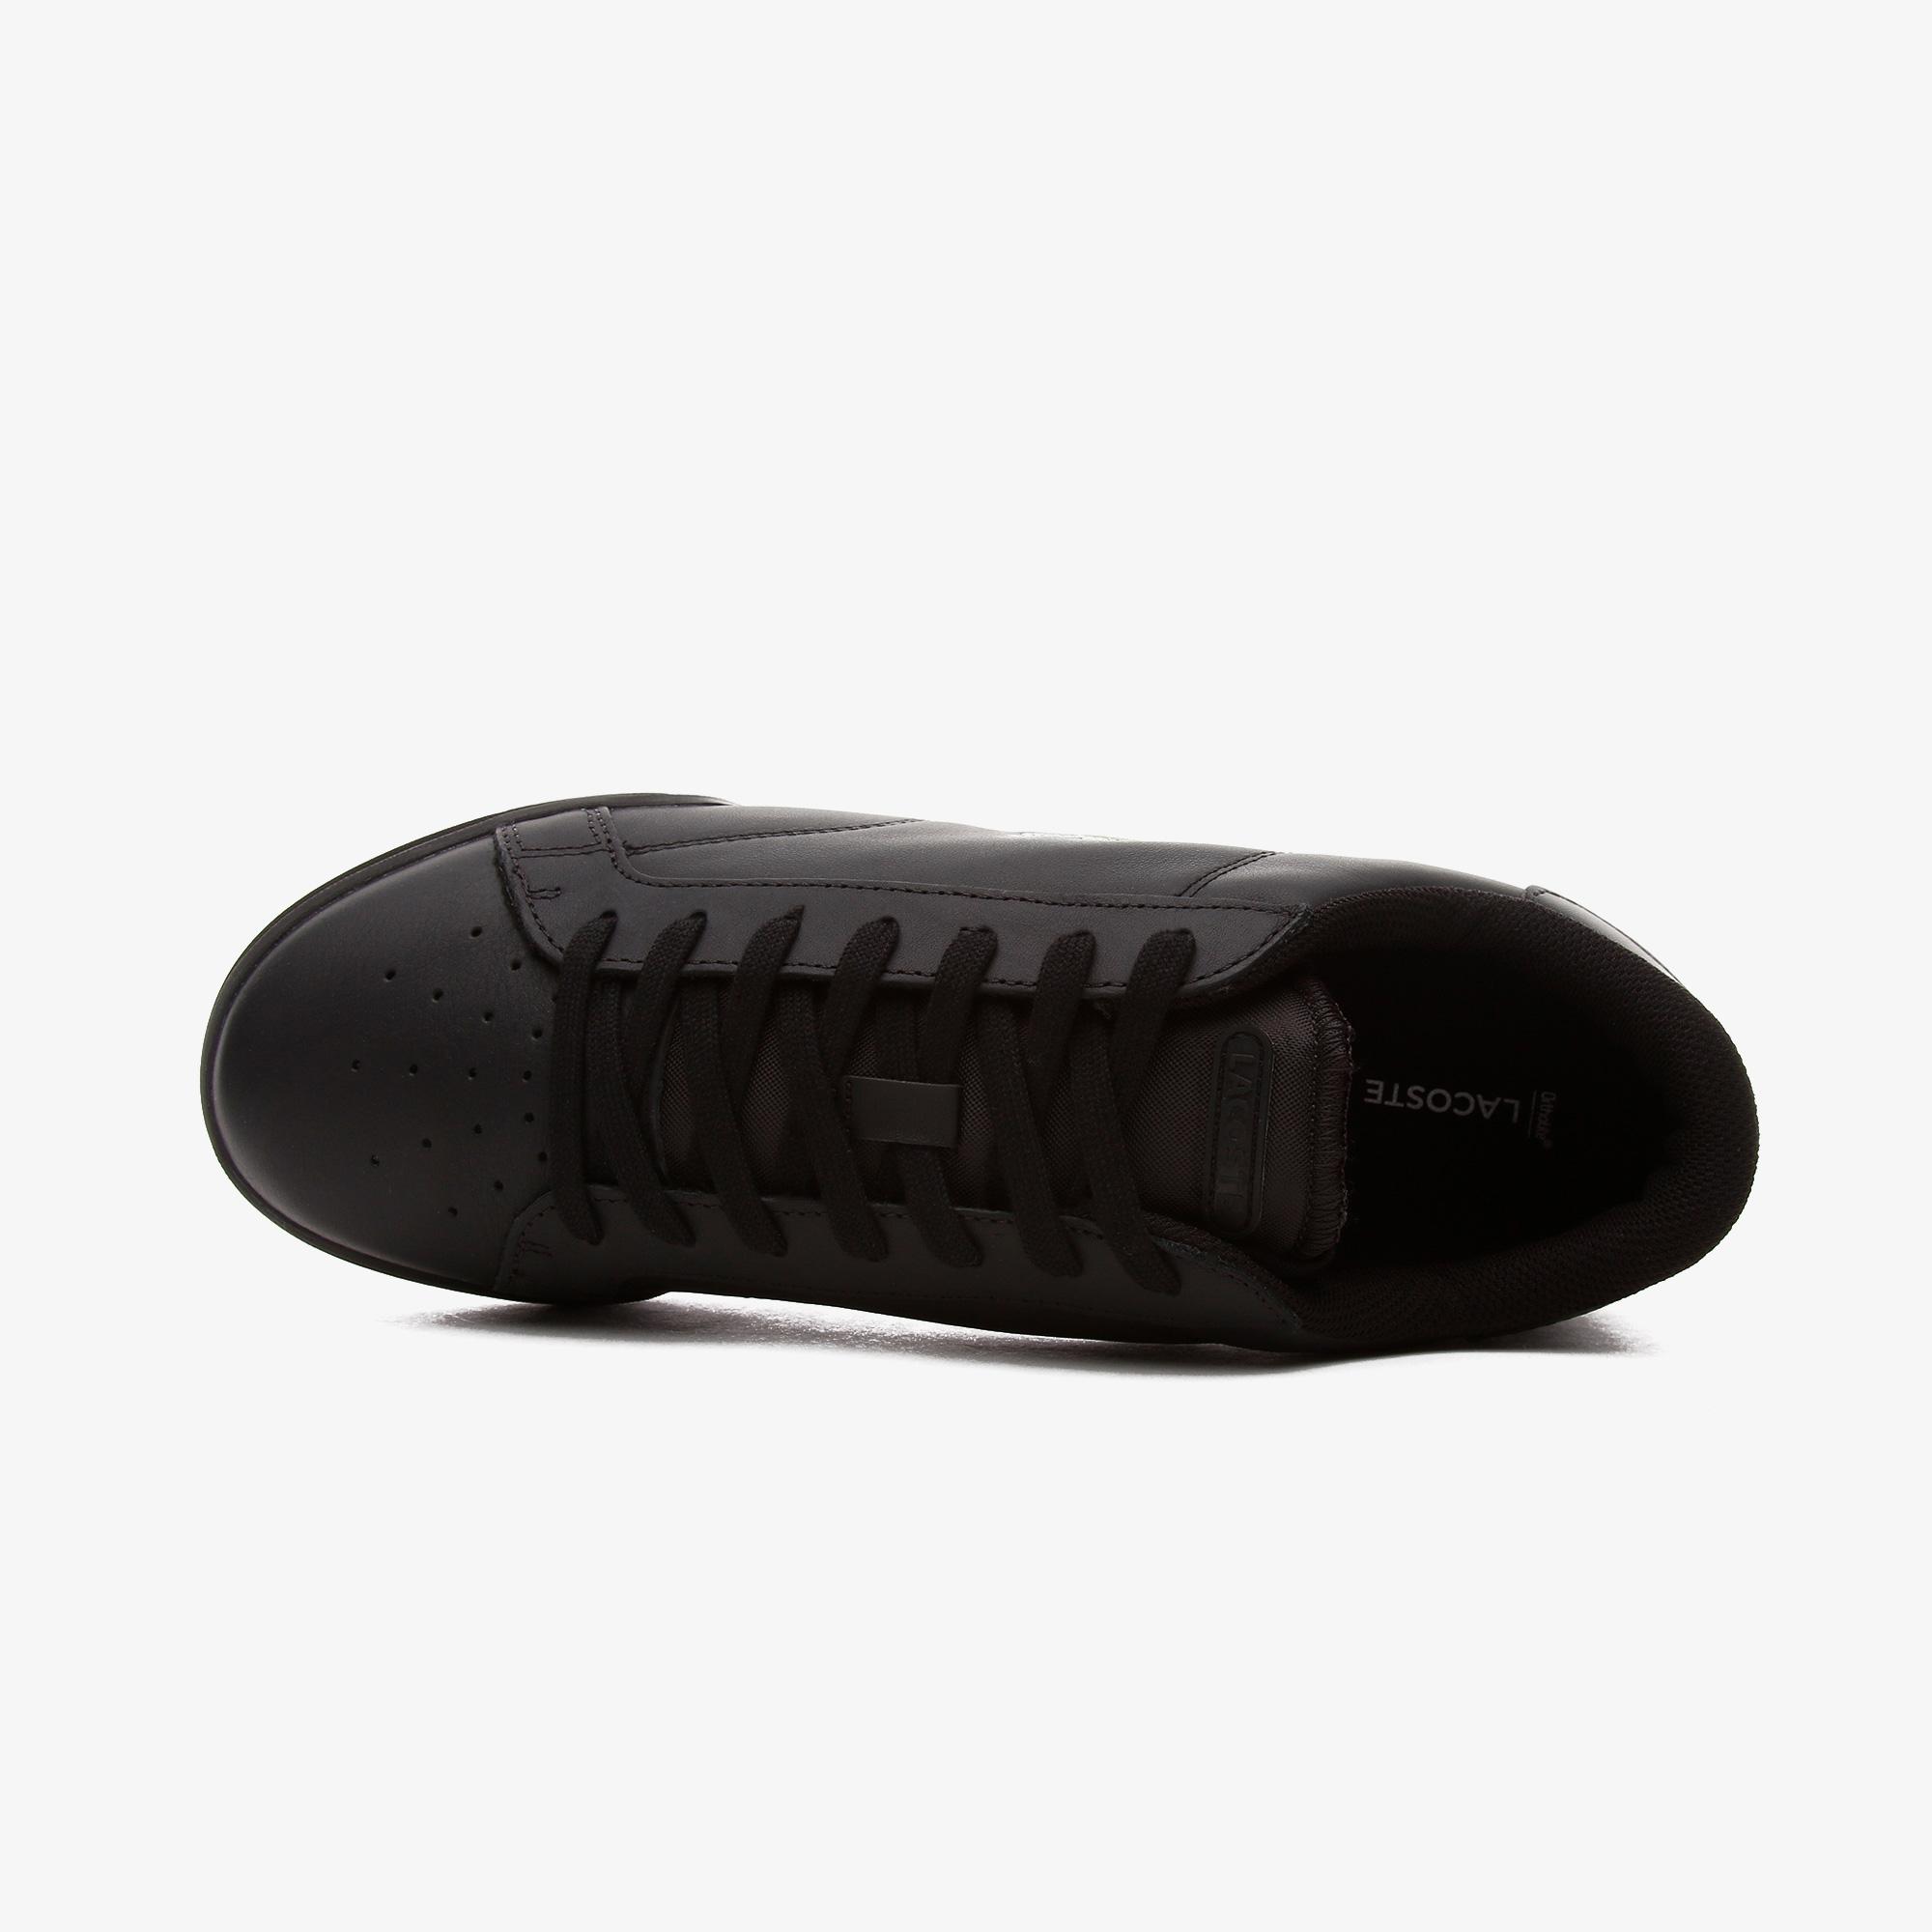 Lacoste Twin Serve Erkek Deri Siyah Spor Ayakkabı